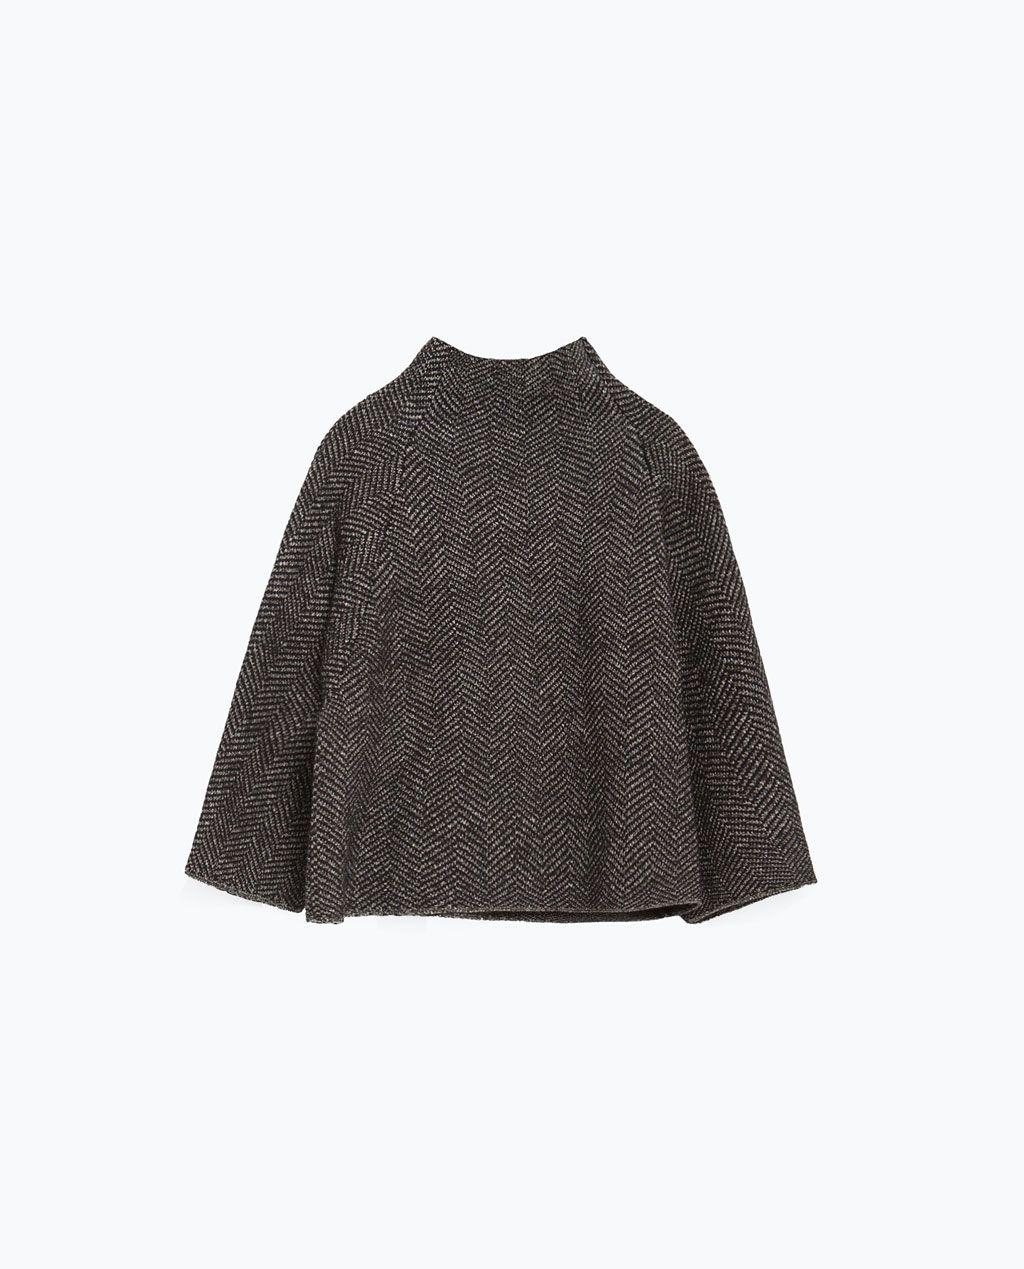 ヘリンボーンセーター-セーター-ニット-レディ-ス | ZARA 日本